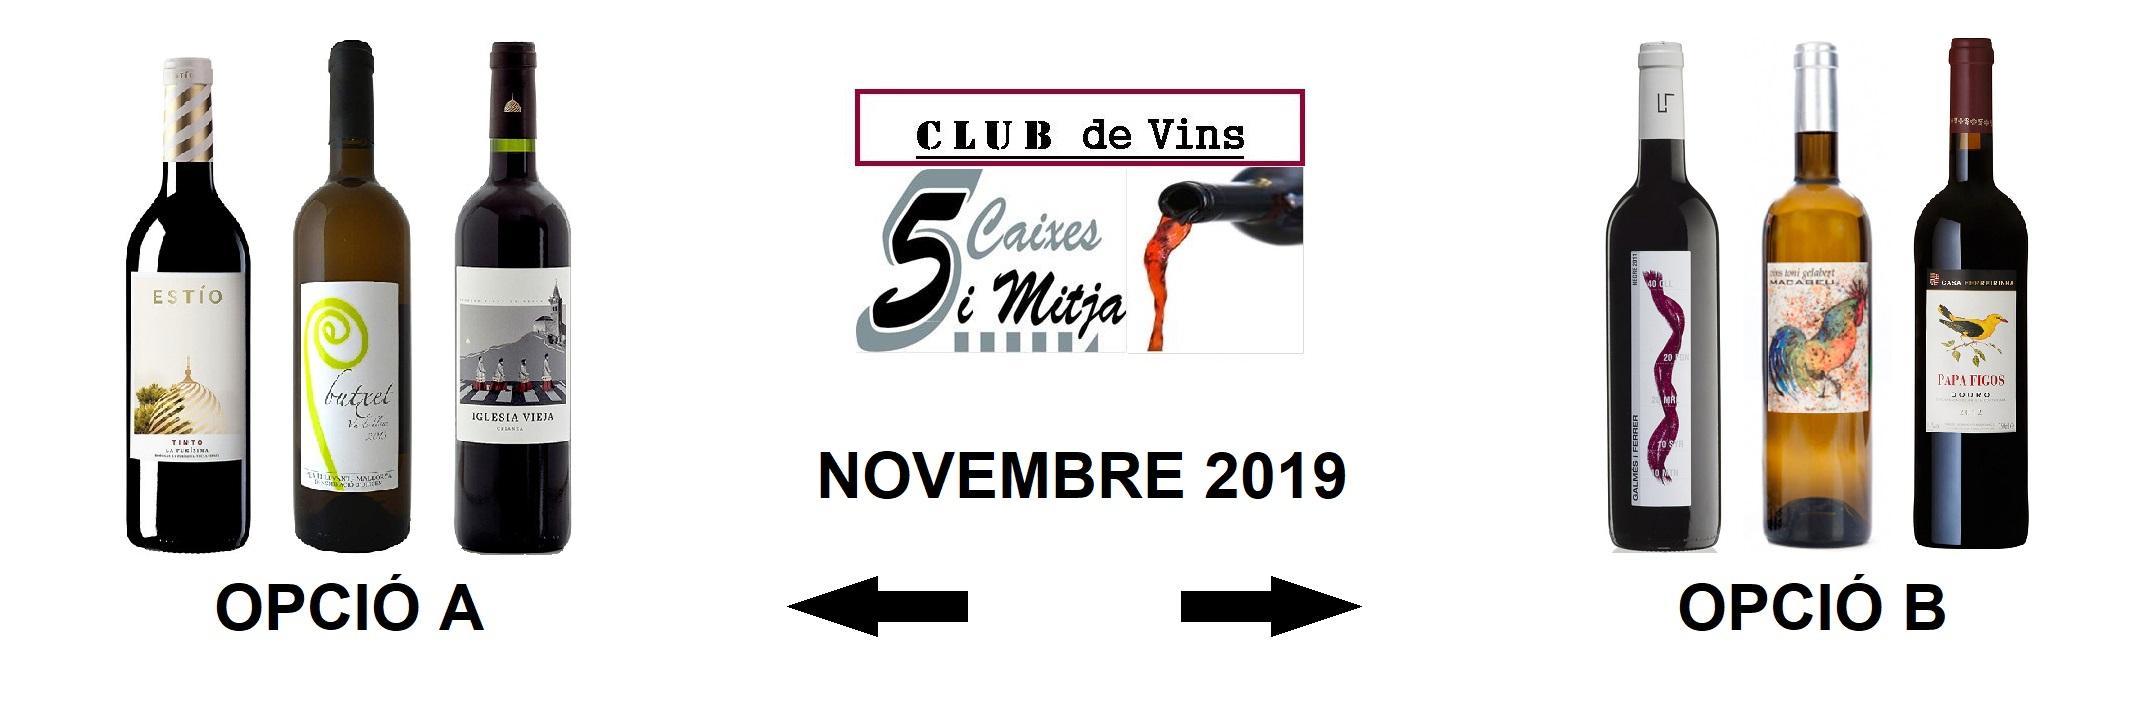 Selecció Novembre 2019 – Club de Vins